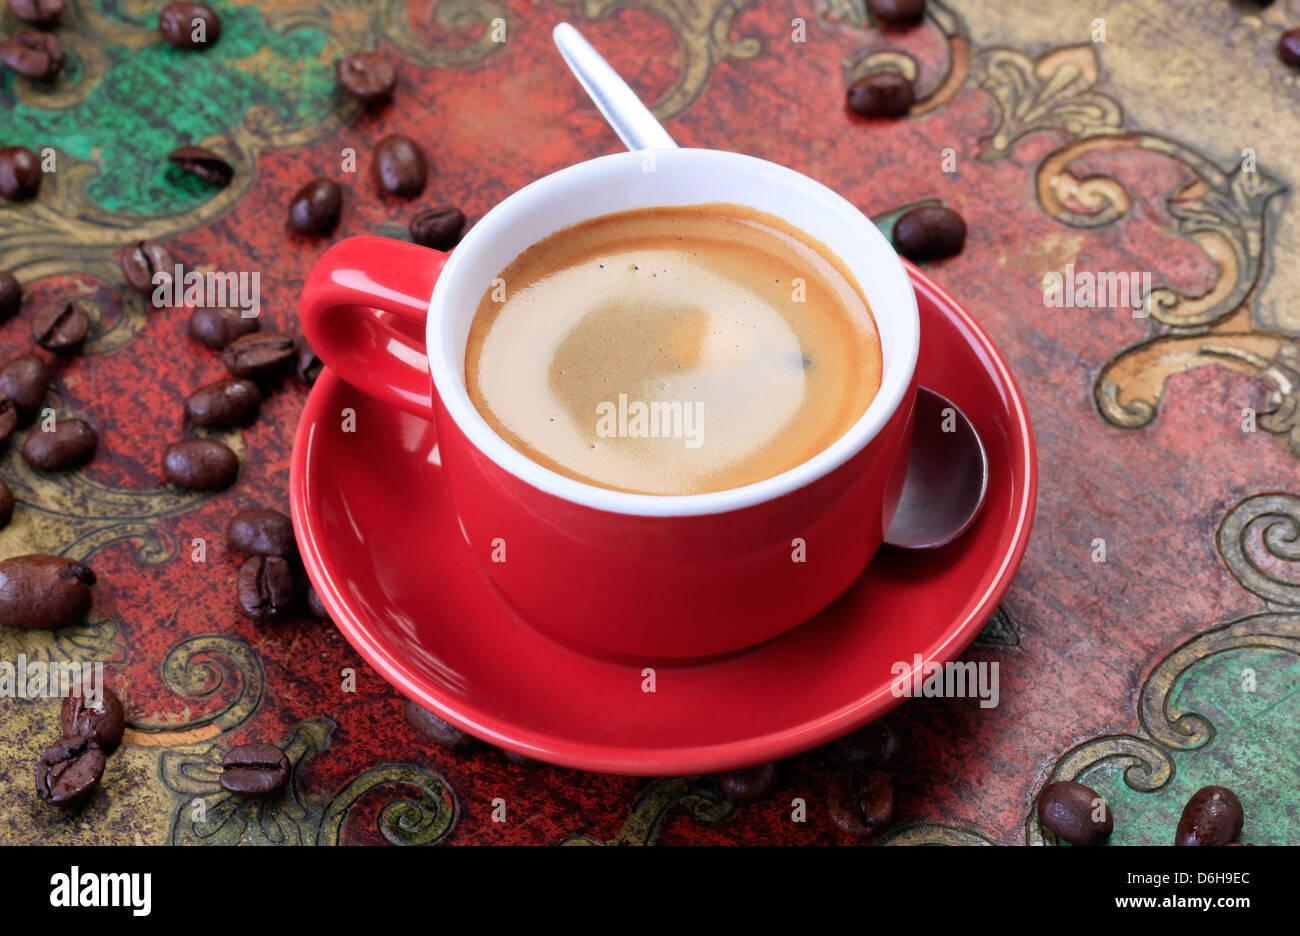 Taza de café con suave espuma marrón Imagen De Stock